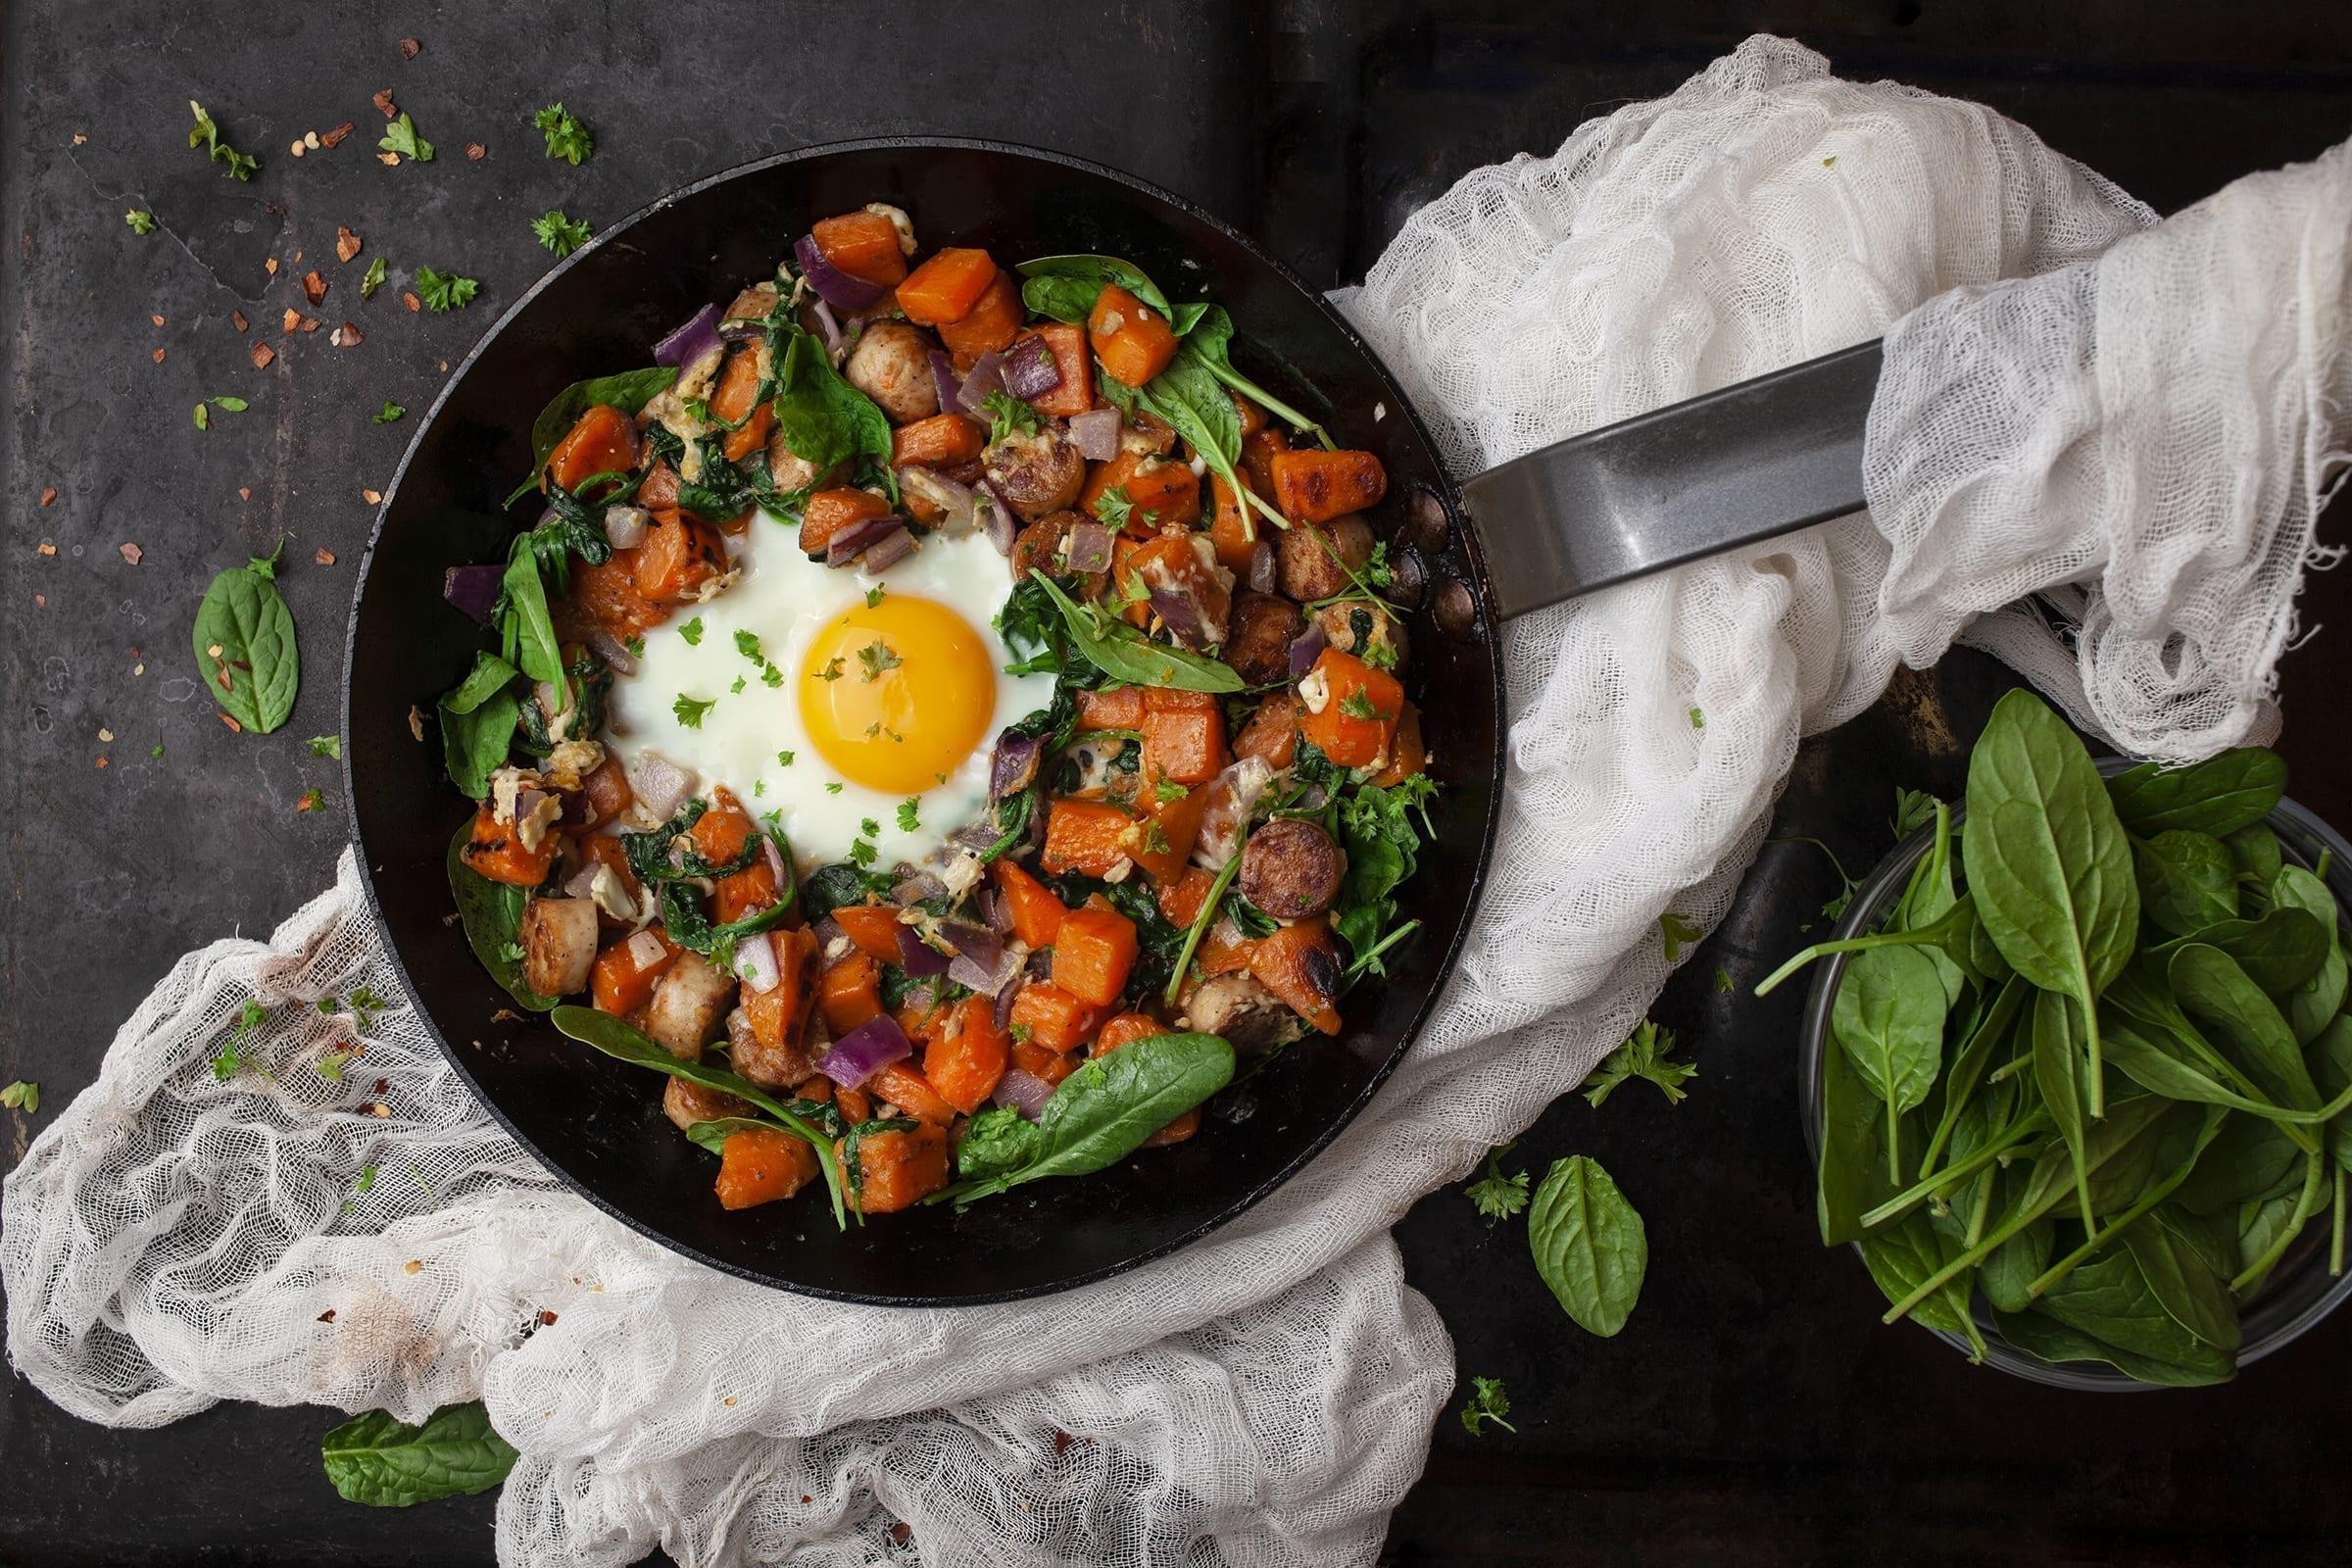 Biksemad af sødekartofler, pølser og æg